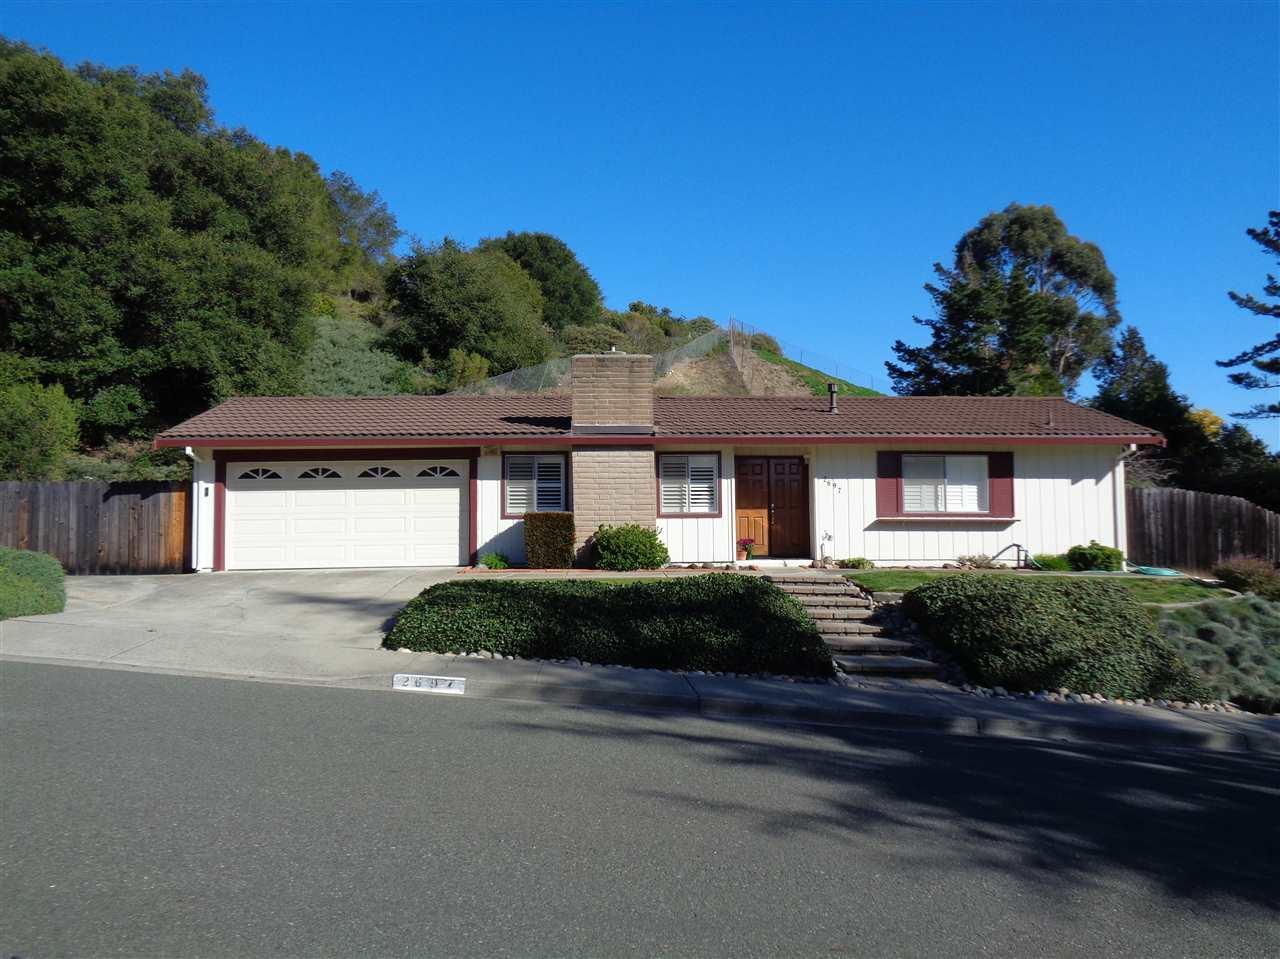 Casa Unifamiliar por un Venta en 2697 Mendocino Drive 2697 Mendocino Drive Pinole, California 94564 Estados Unidos